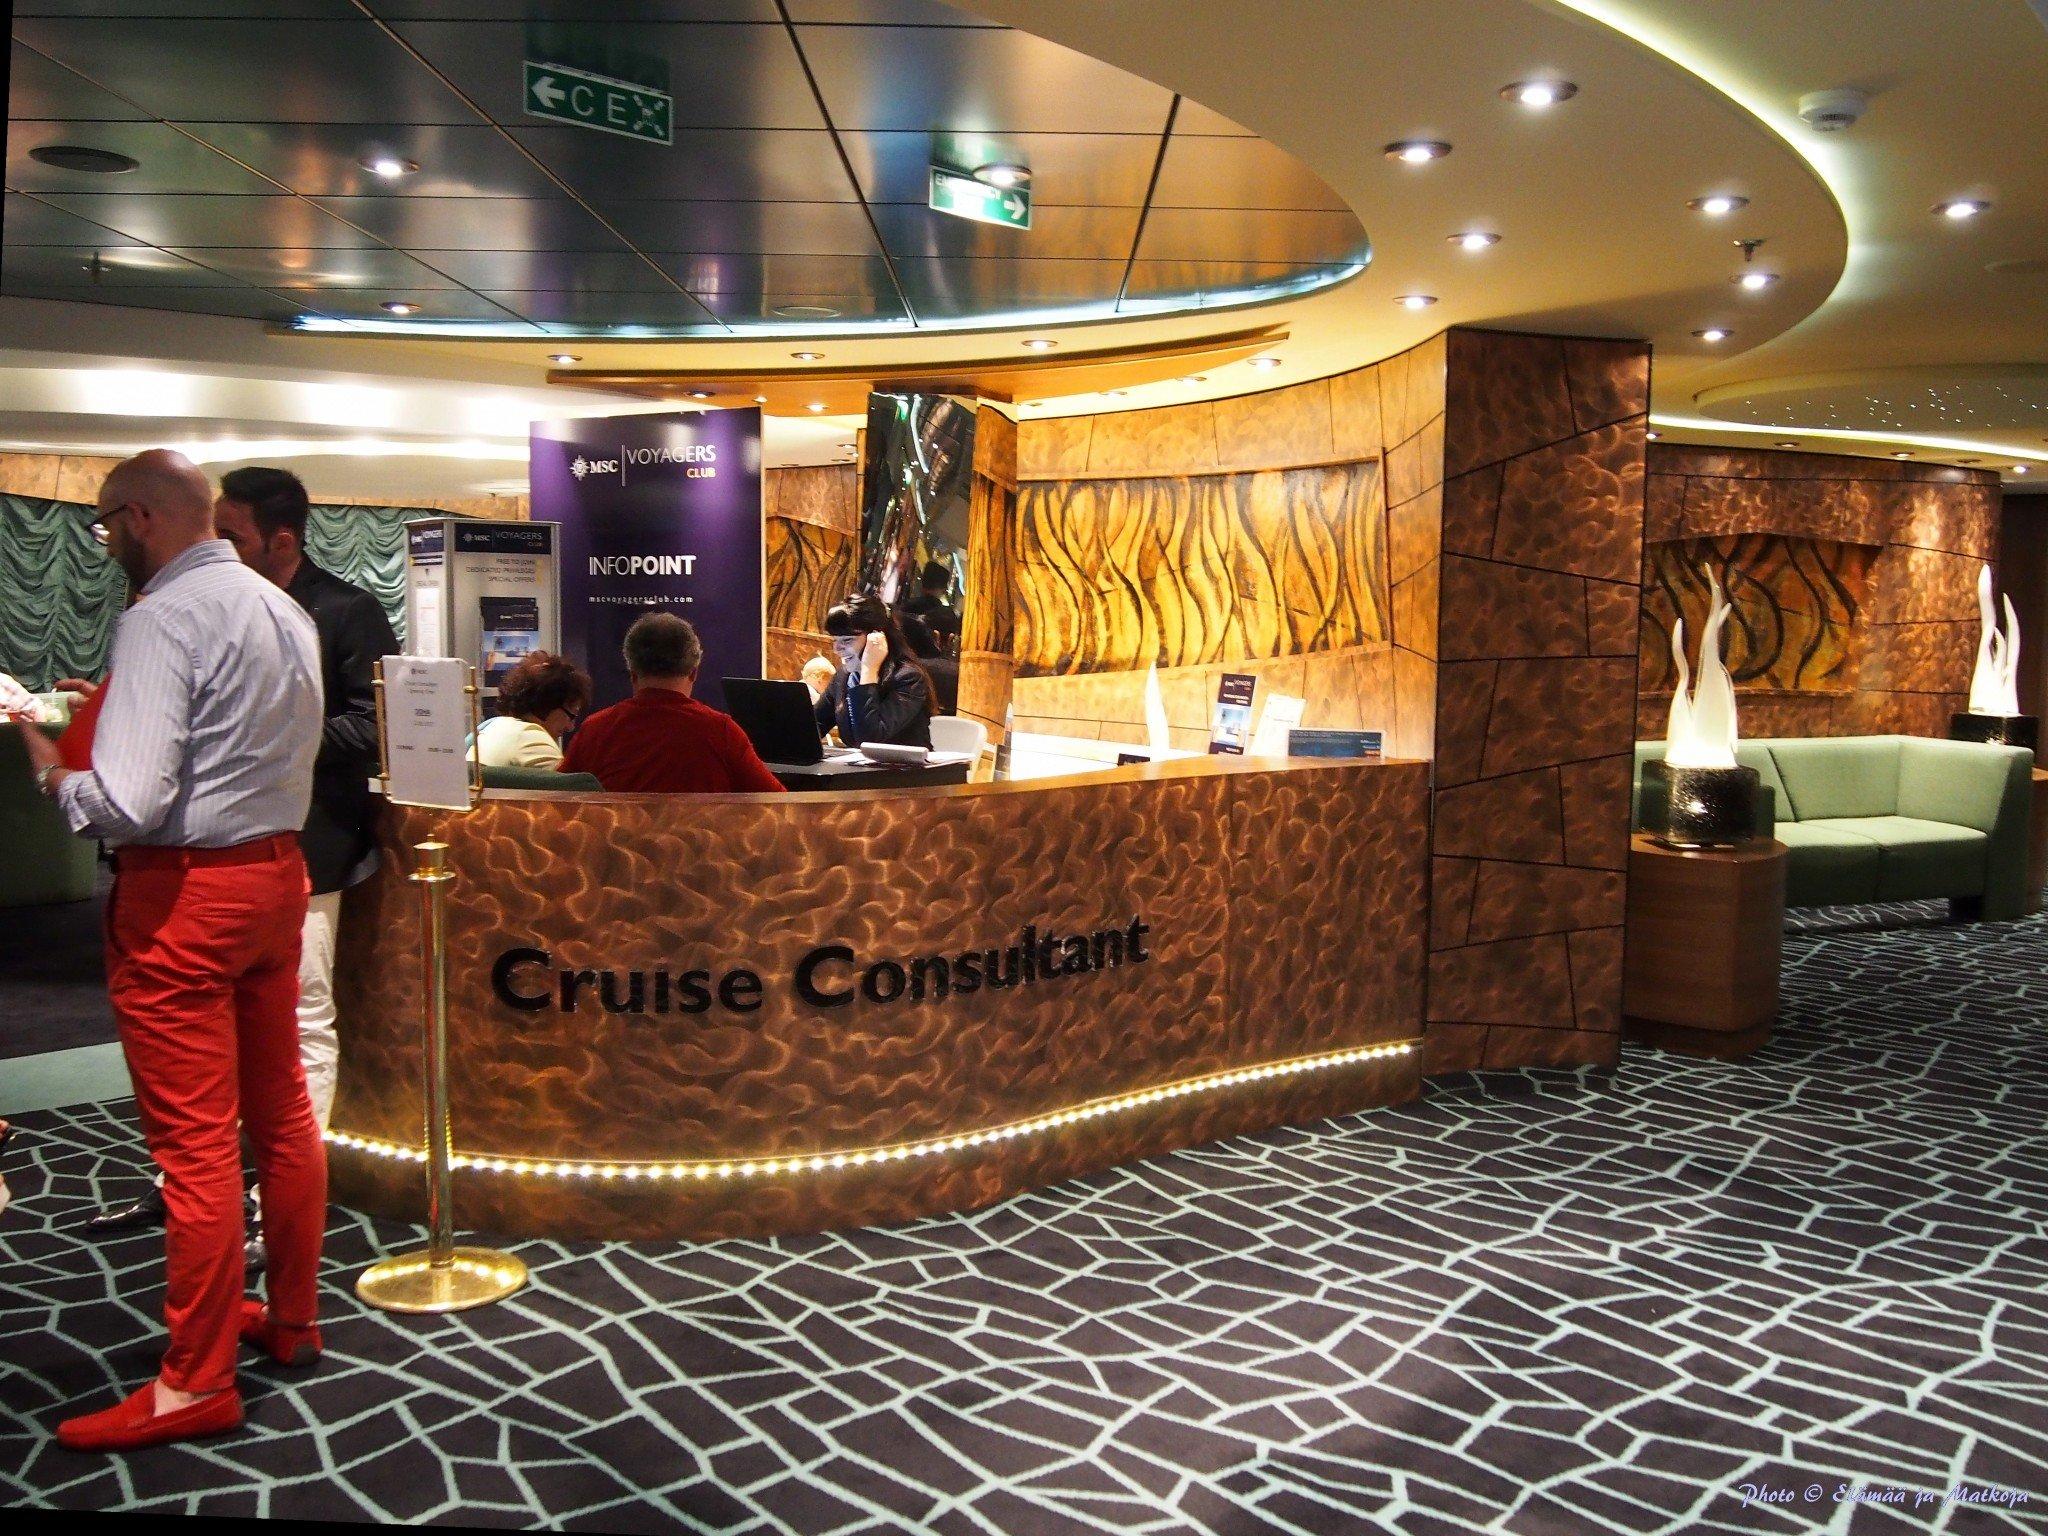 MSC Fantasia Cruise consultant point Photo © Elämää ja Matkoja